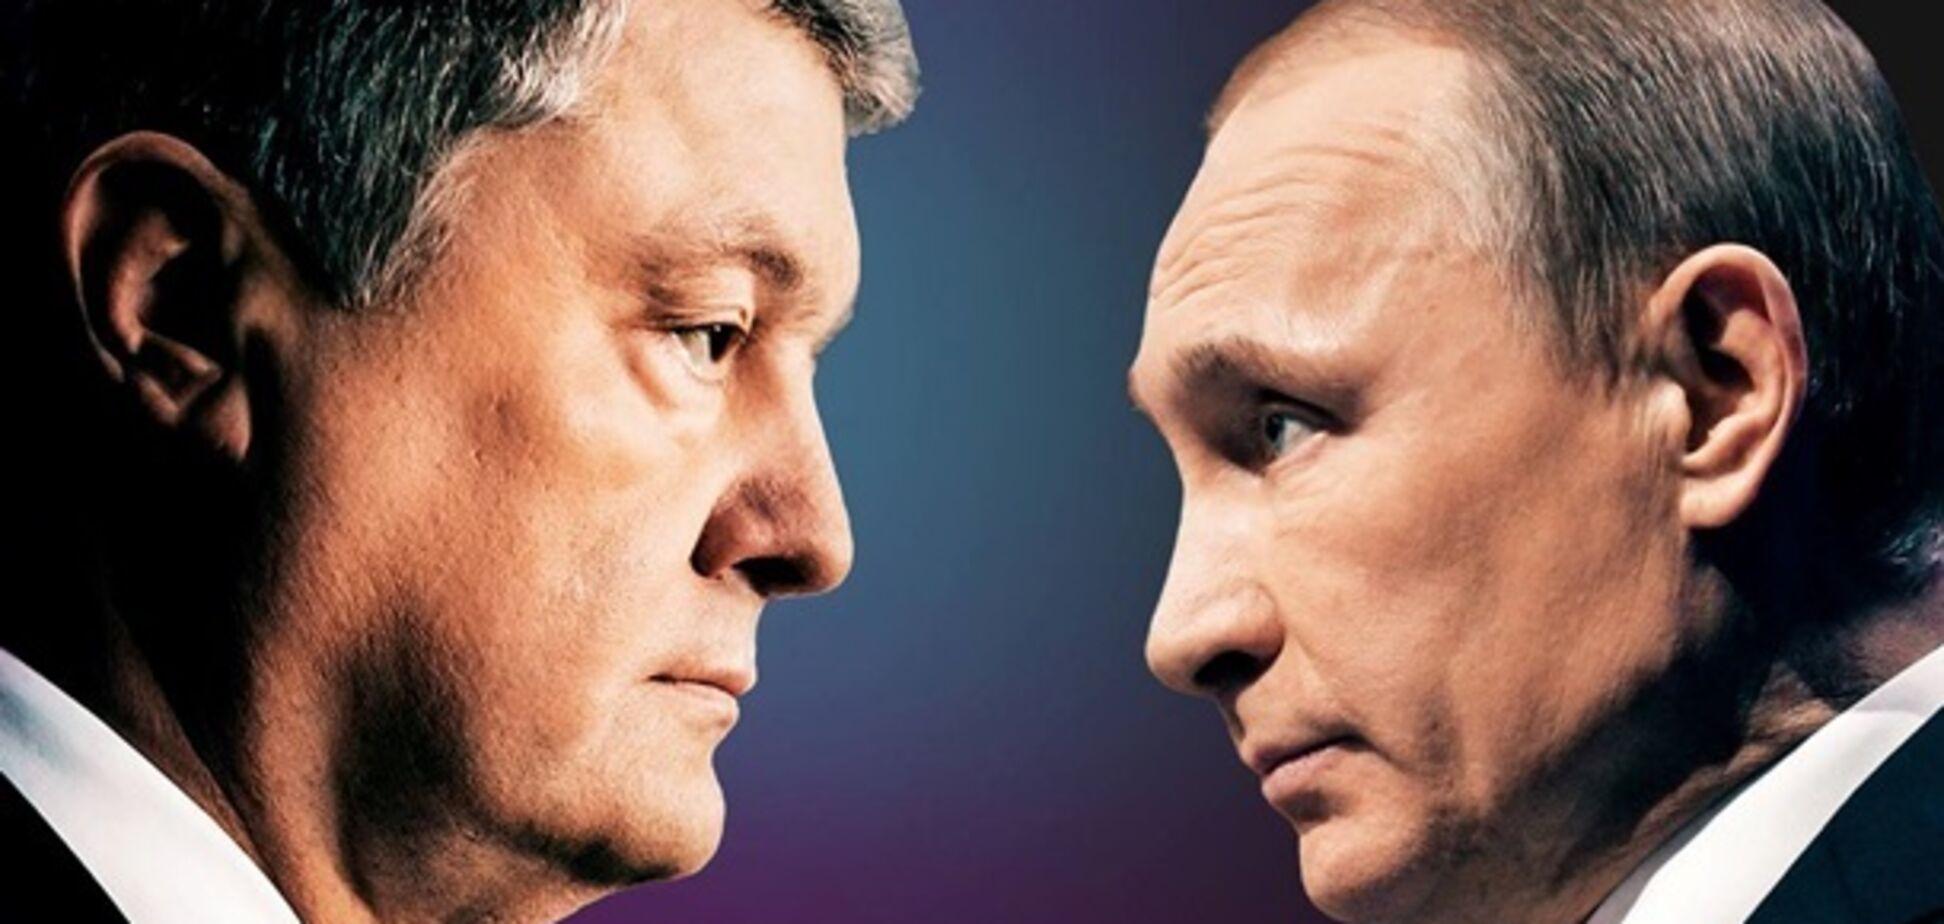 'Не нравится!' У Порошенко объяснились по поводу скандальной рекламы с Путиным